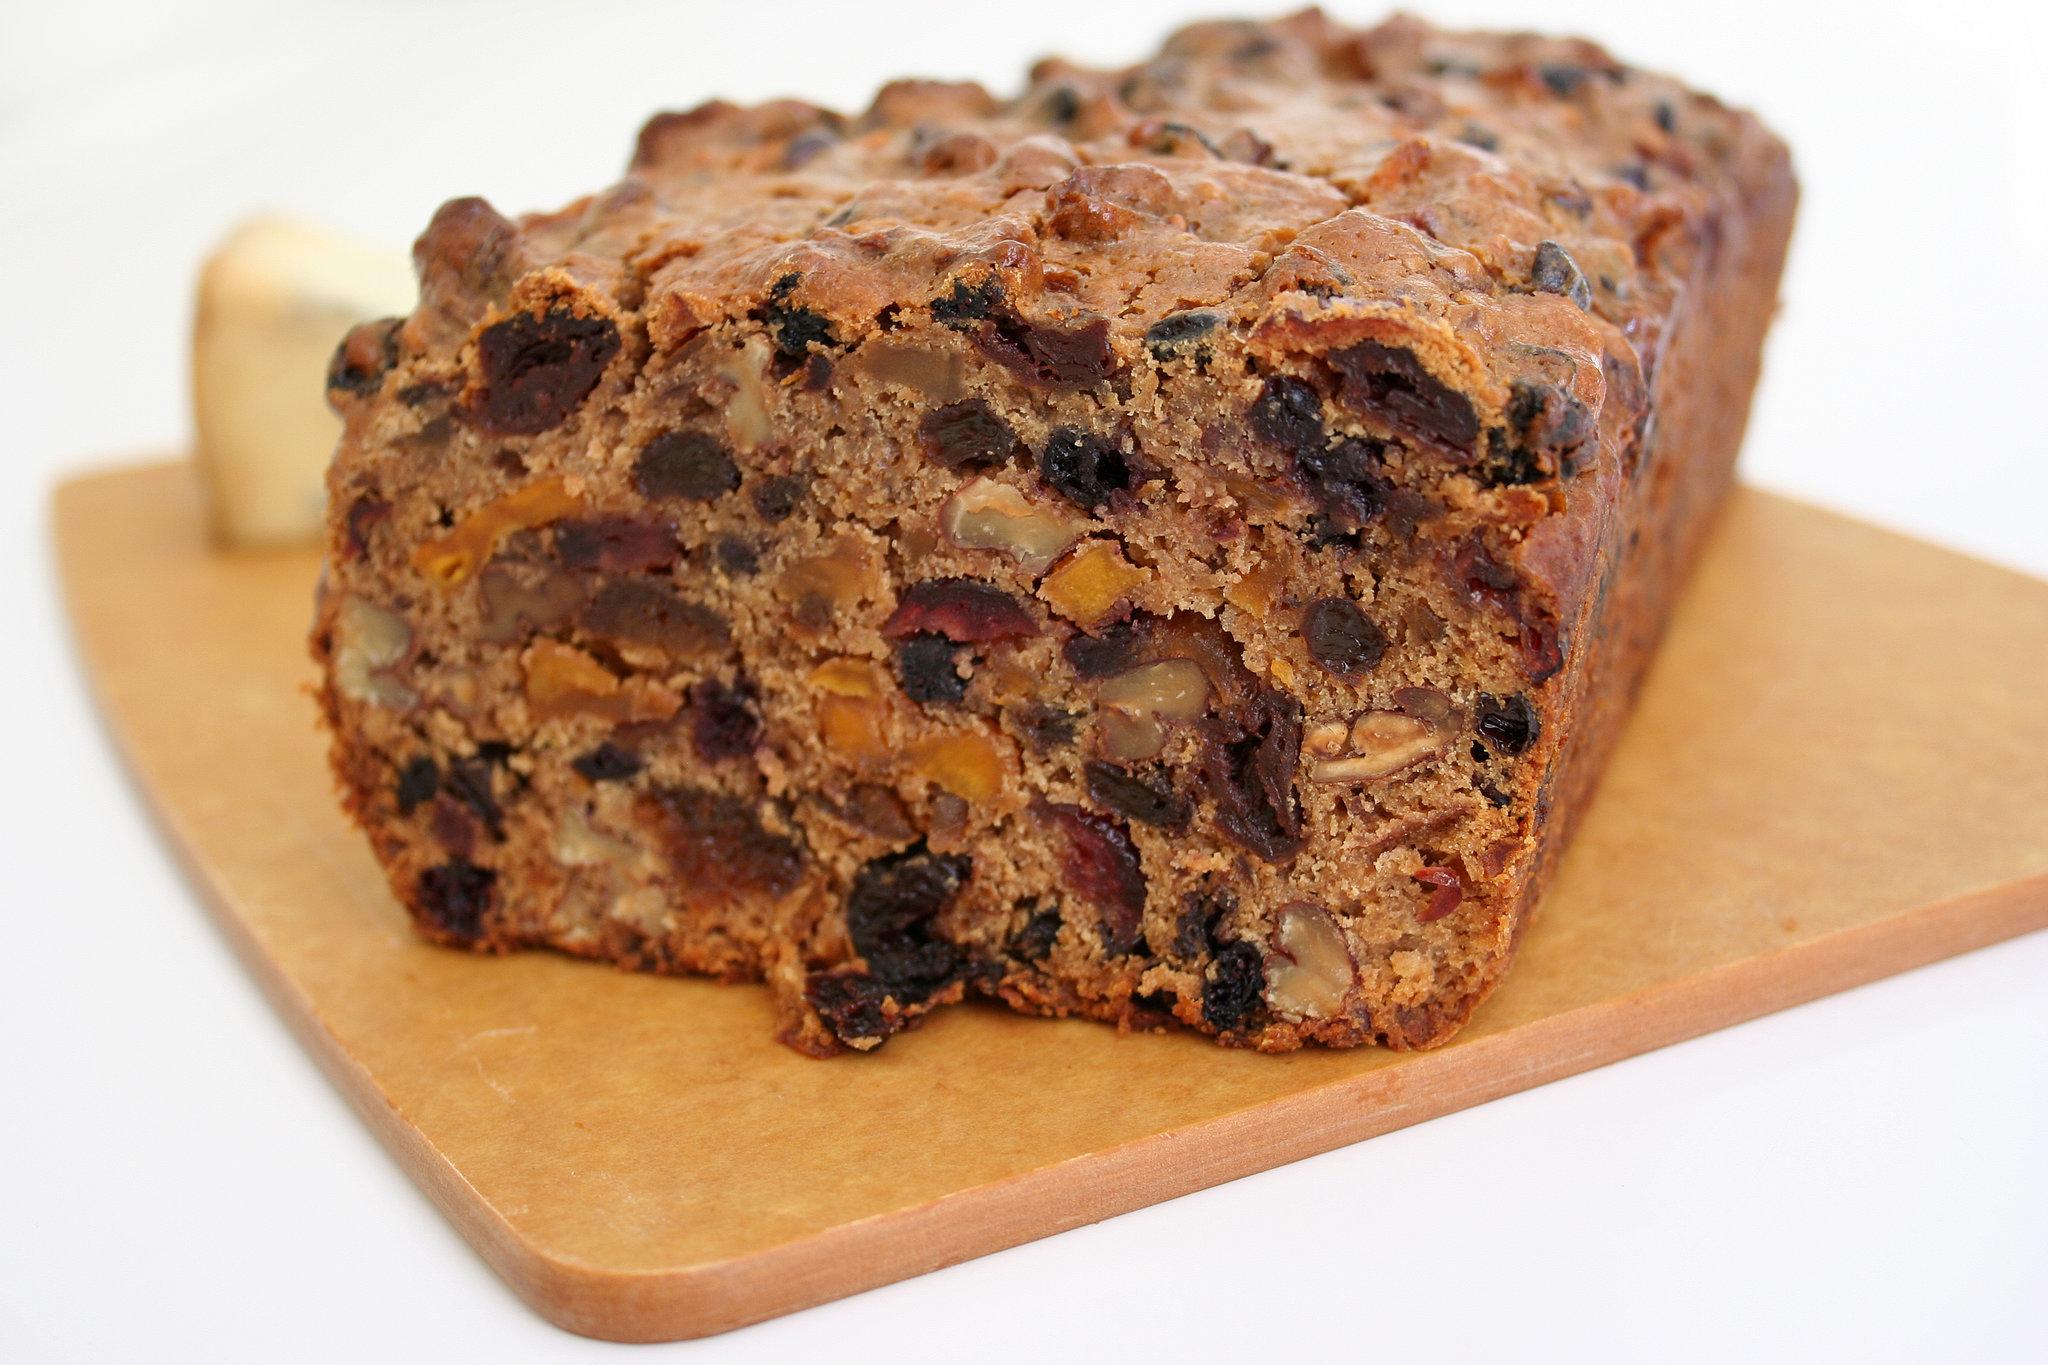 Free Range Fruit Cake